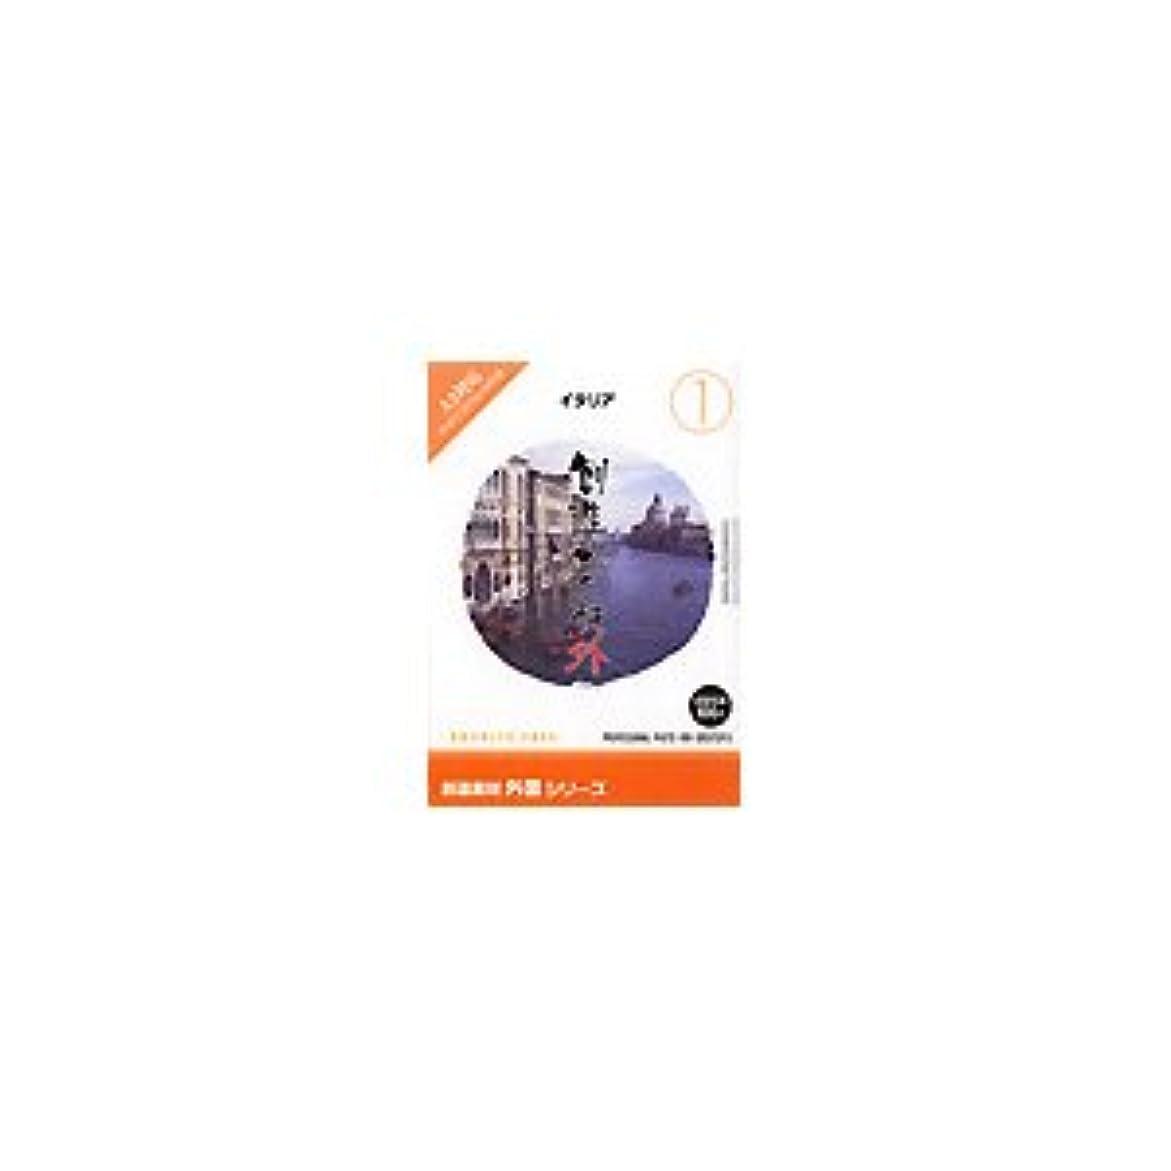 バーチャル構造的カラス写真素材 創造素材 外国シリーズ (1) イタリア ds-68253